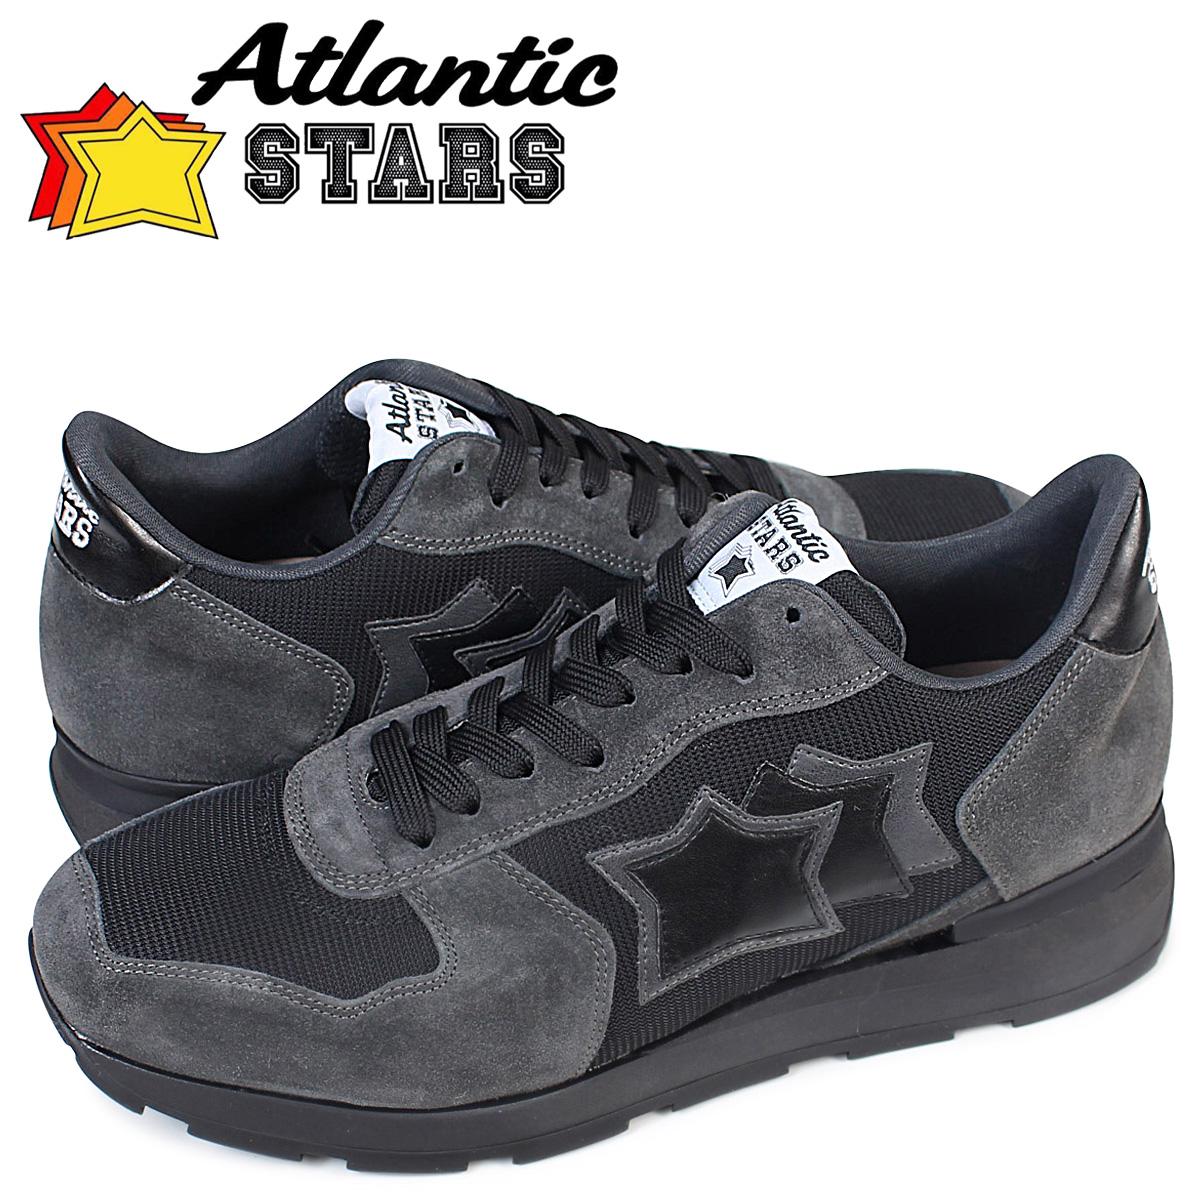 アトランティックスターズ メンズ スニーカー Atlantic STARS アンタレス ANTARES ANA 72N ダークグレー